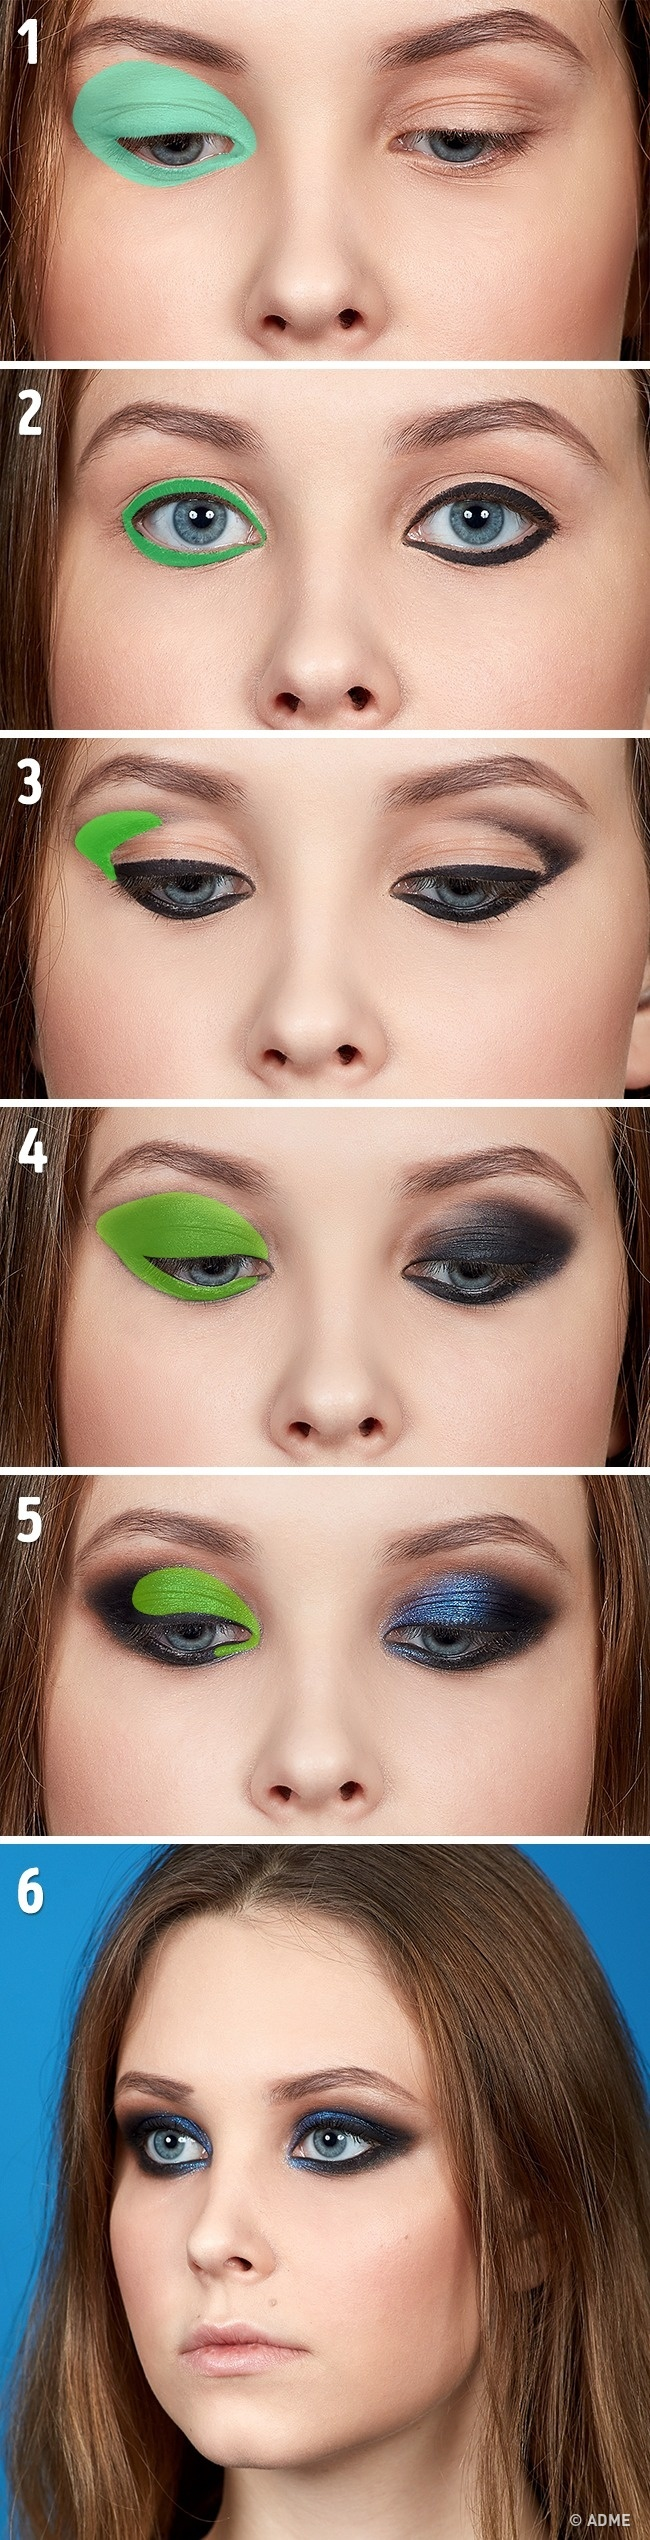 5 основных техник макияжа глаз, которые стоит освоить каждой девушке